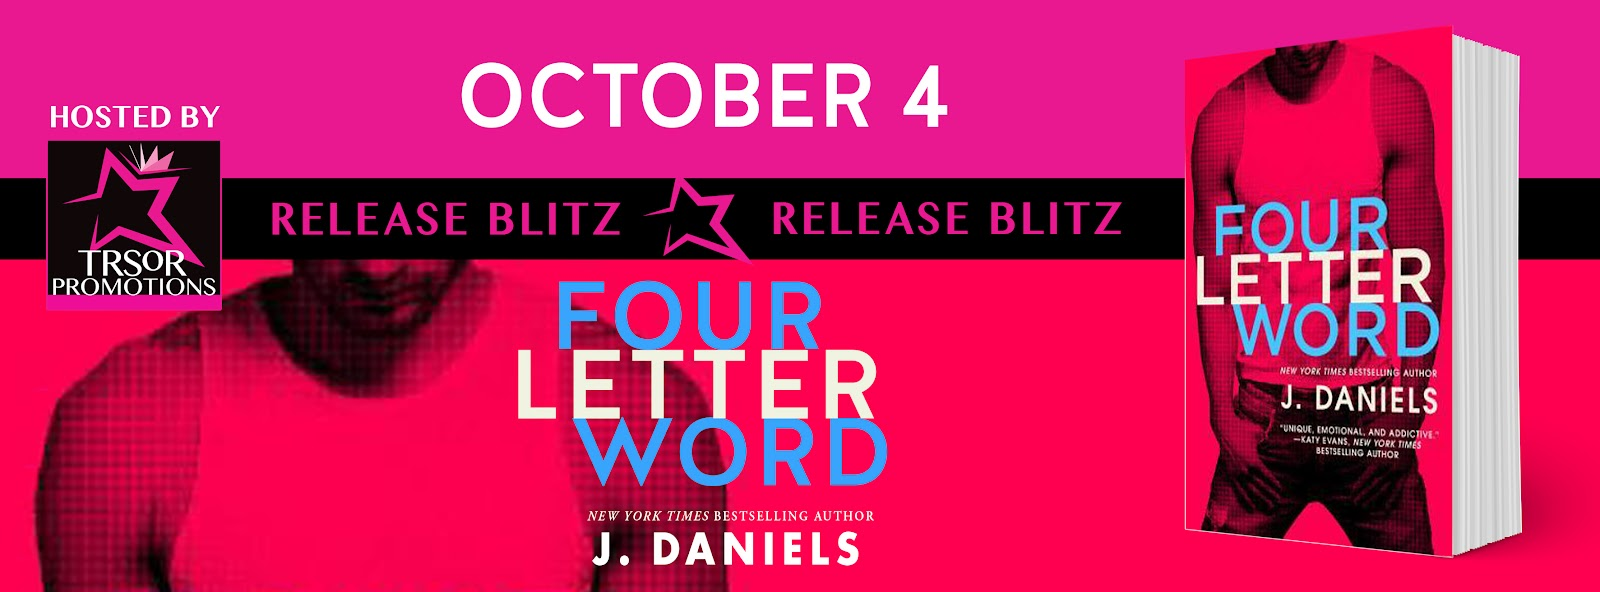 FOUR_LETTER_WORD_RELEASE_BLITZ.jpg